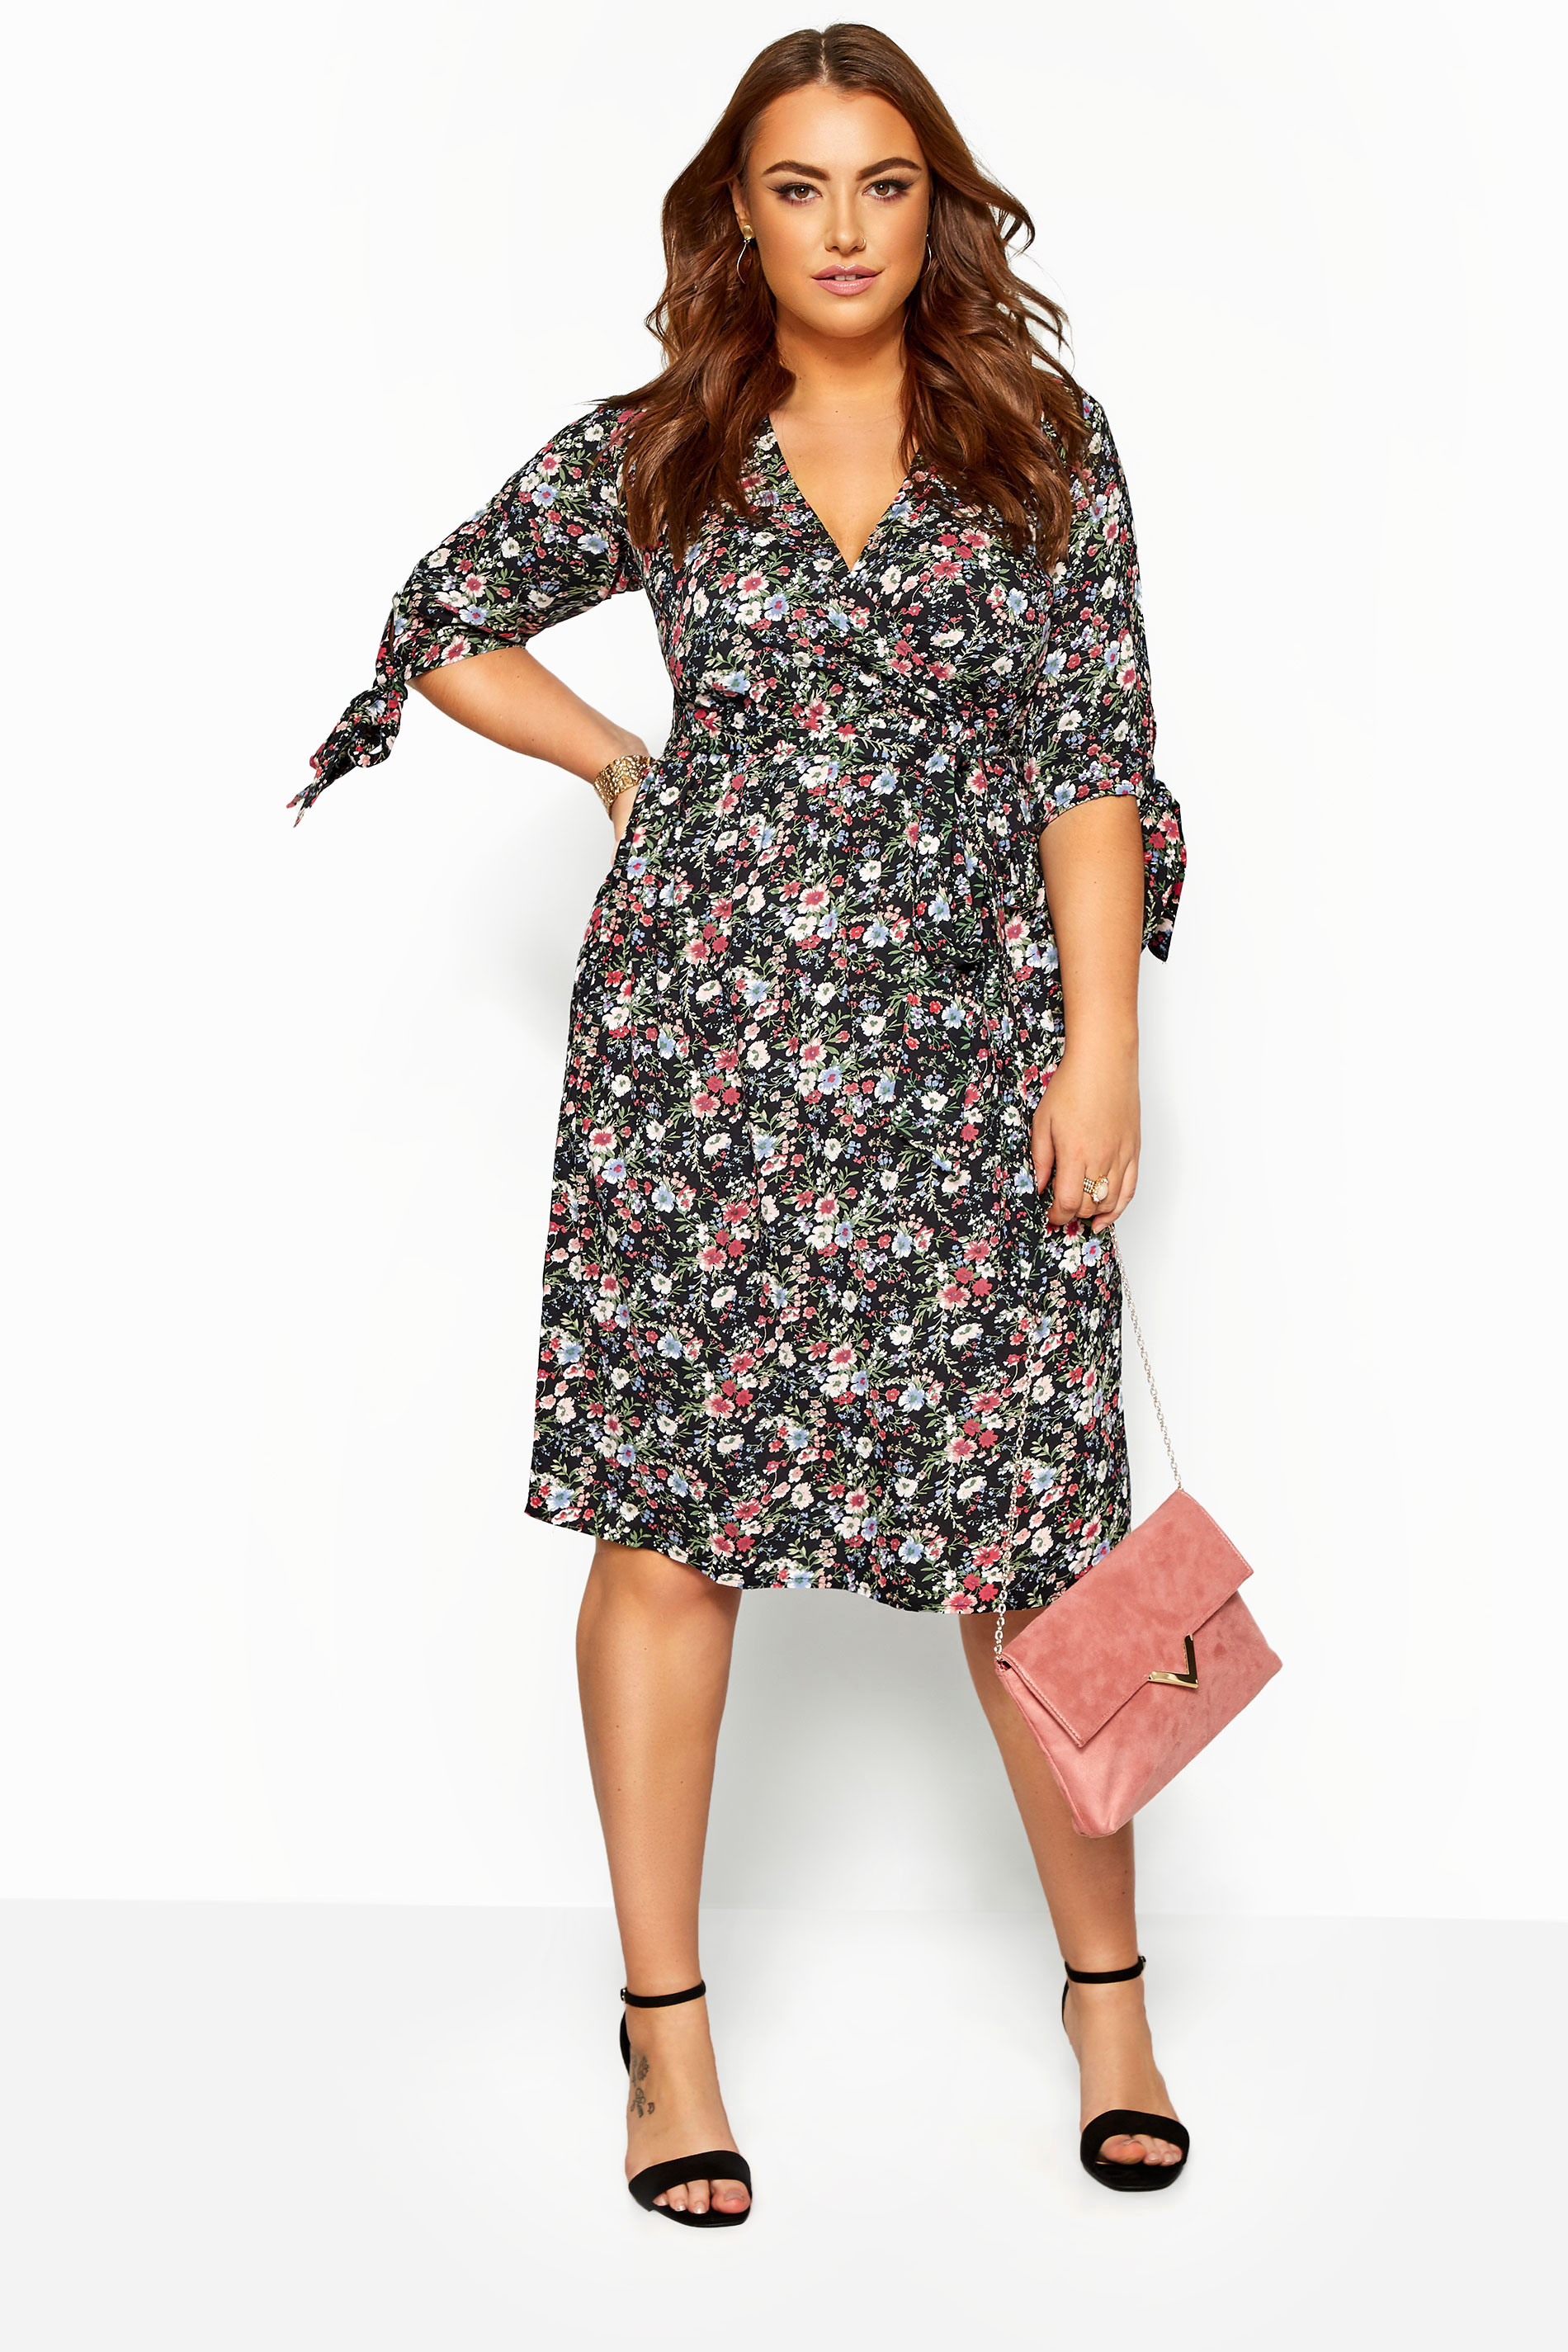 Midi-jurk met bloemenprint en strikjes aan de mouwen in zwart